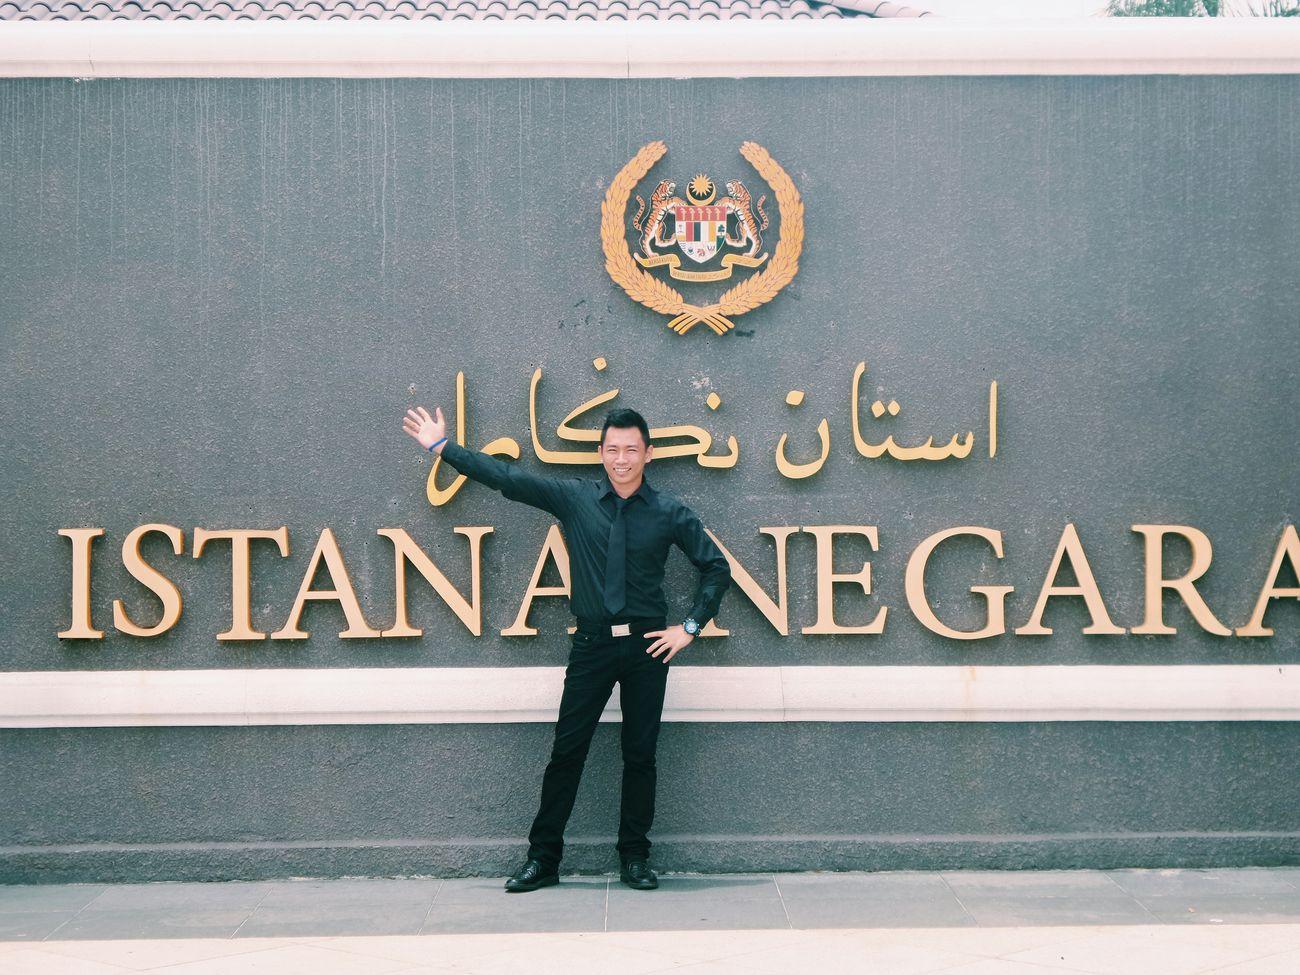 Visiting the Royal Palace Citytour☺ Relaxing Kingpalace Kuala Lumpur Malaysia